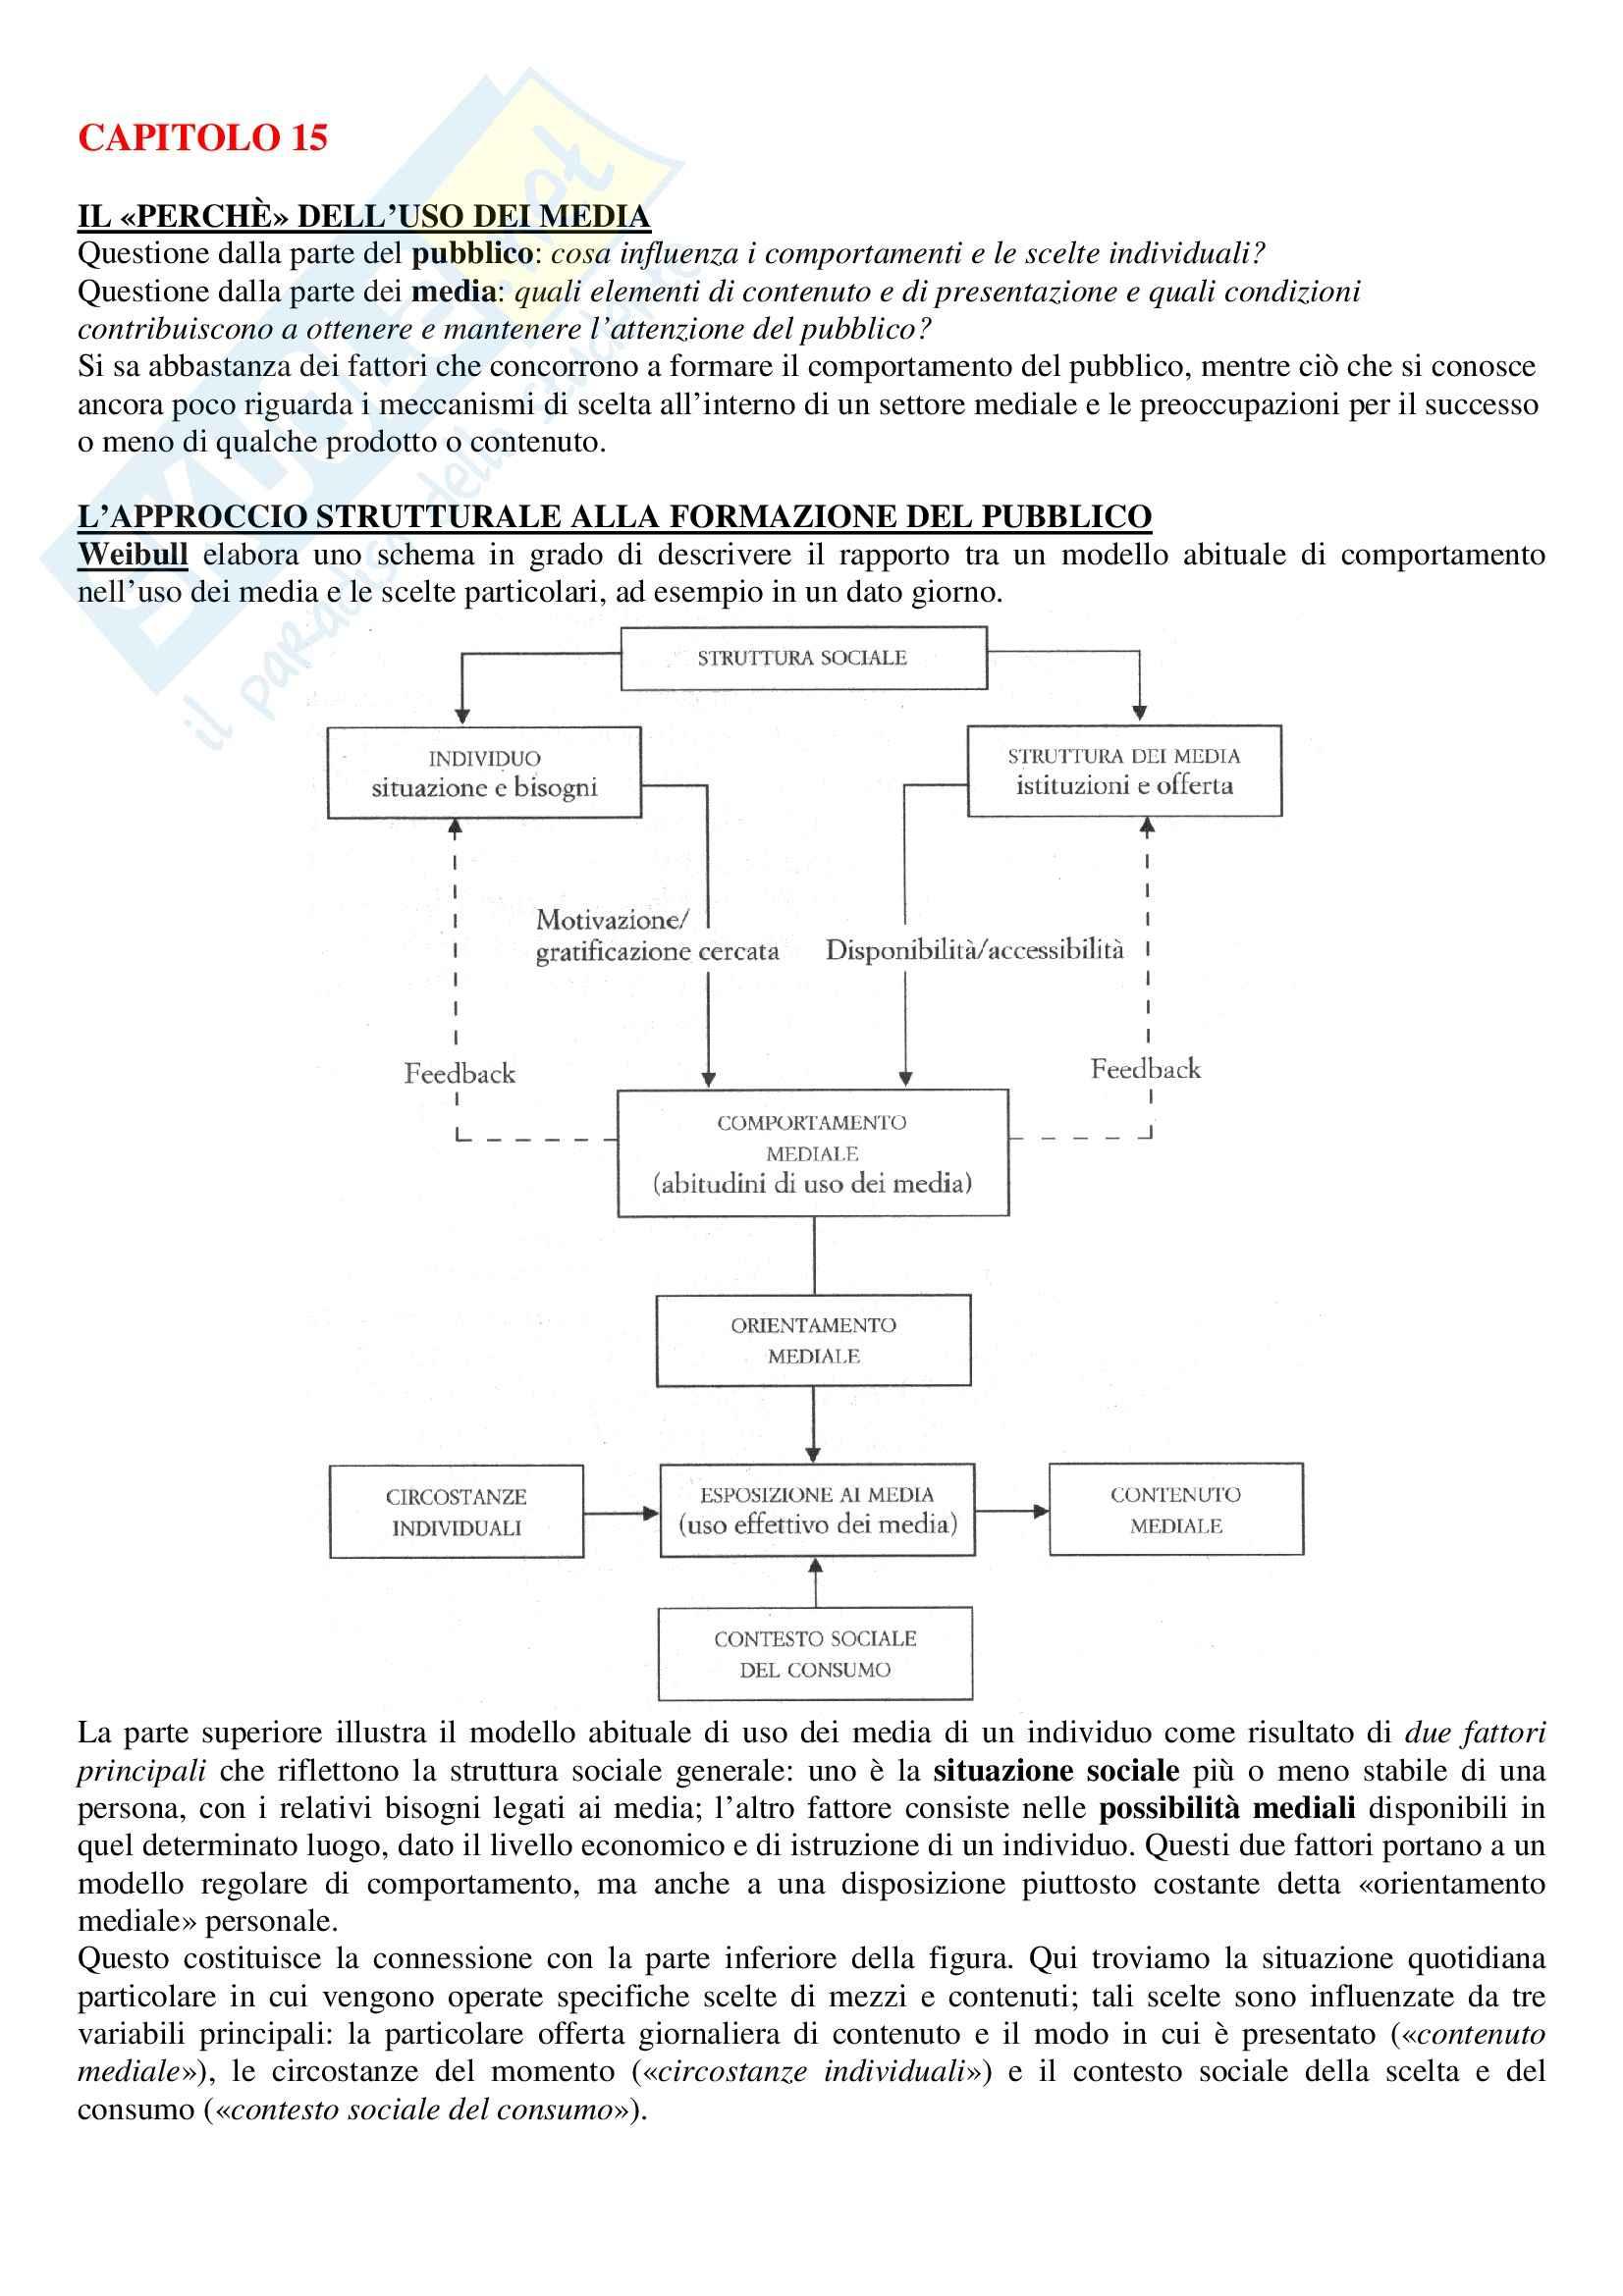 Riassunto esame Teorie e tecniche della comunicazione di massa, prof. Lombardi, libro consigliato Sociologia dei media, McQuail Pag. 51